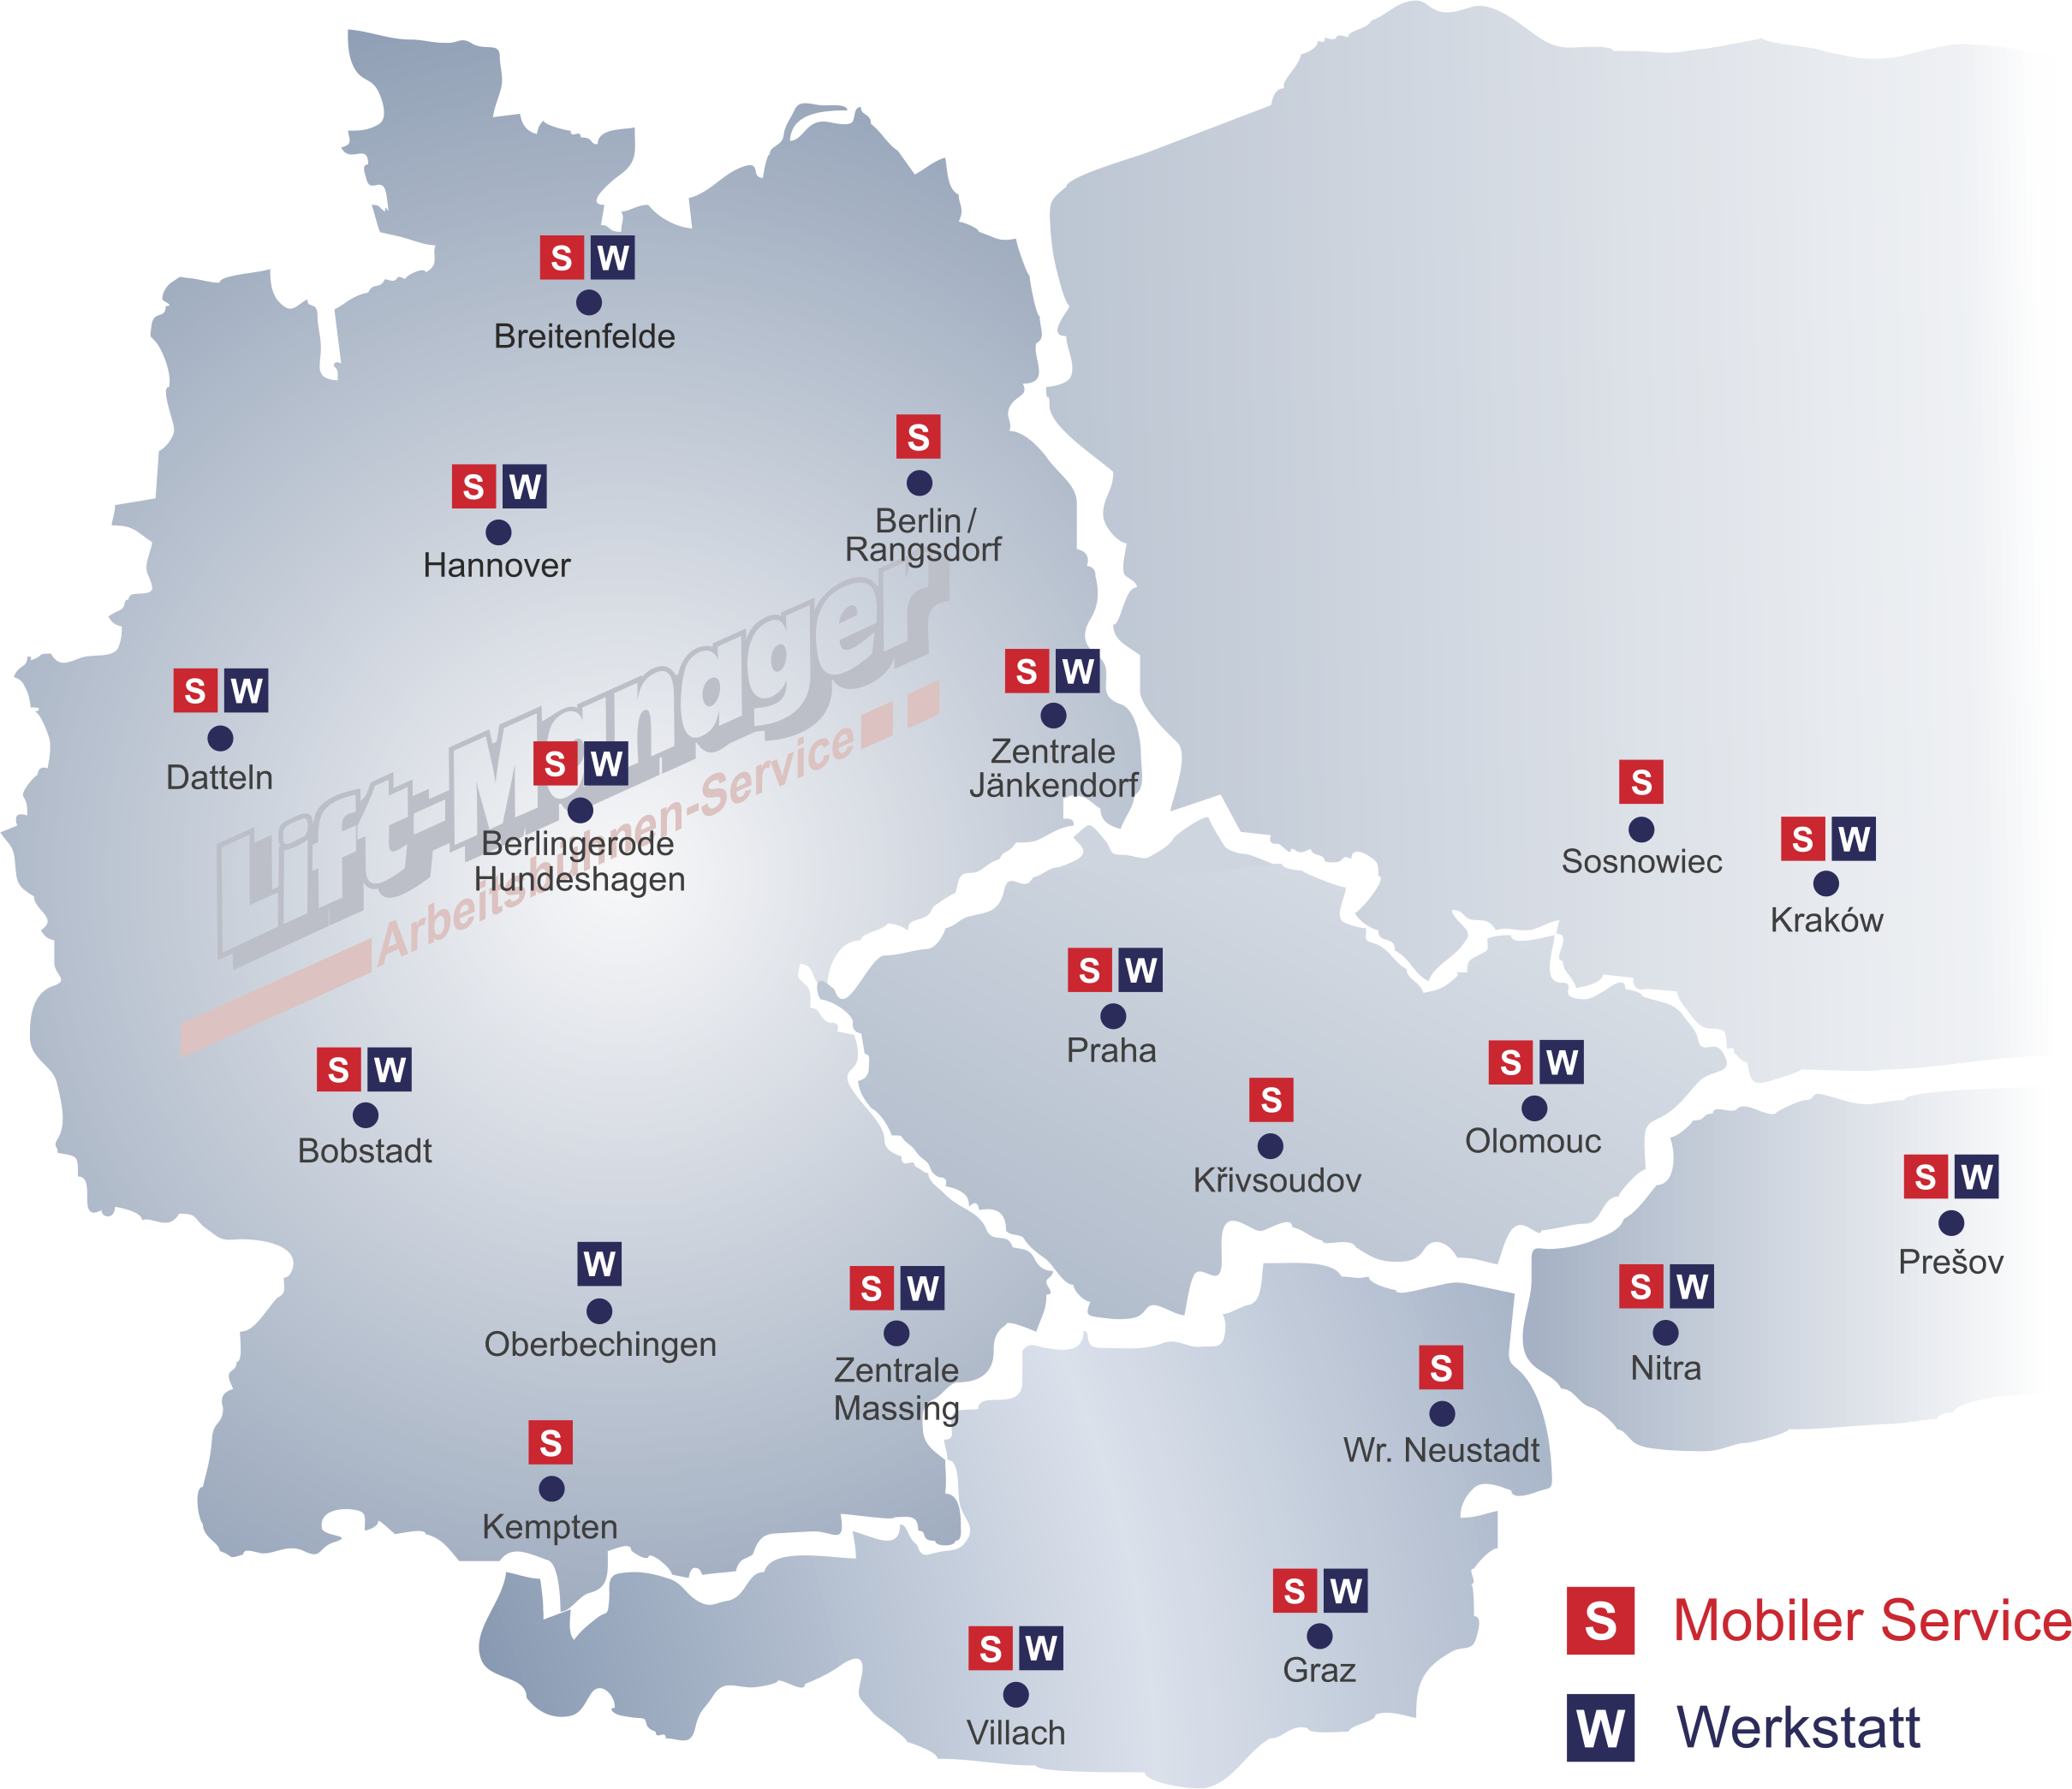 Standorte LM_de